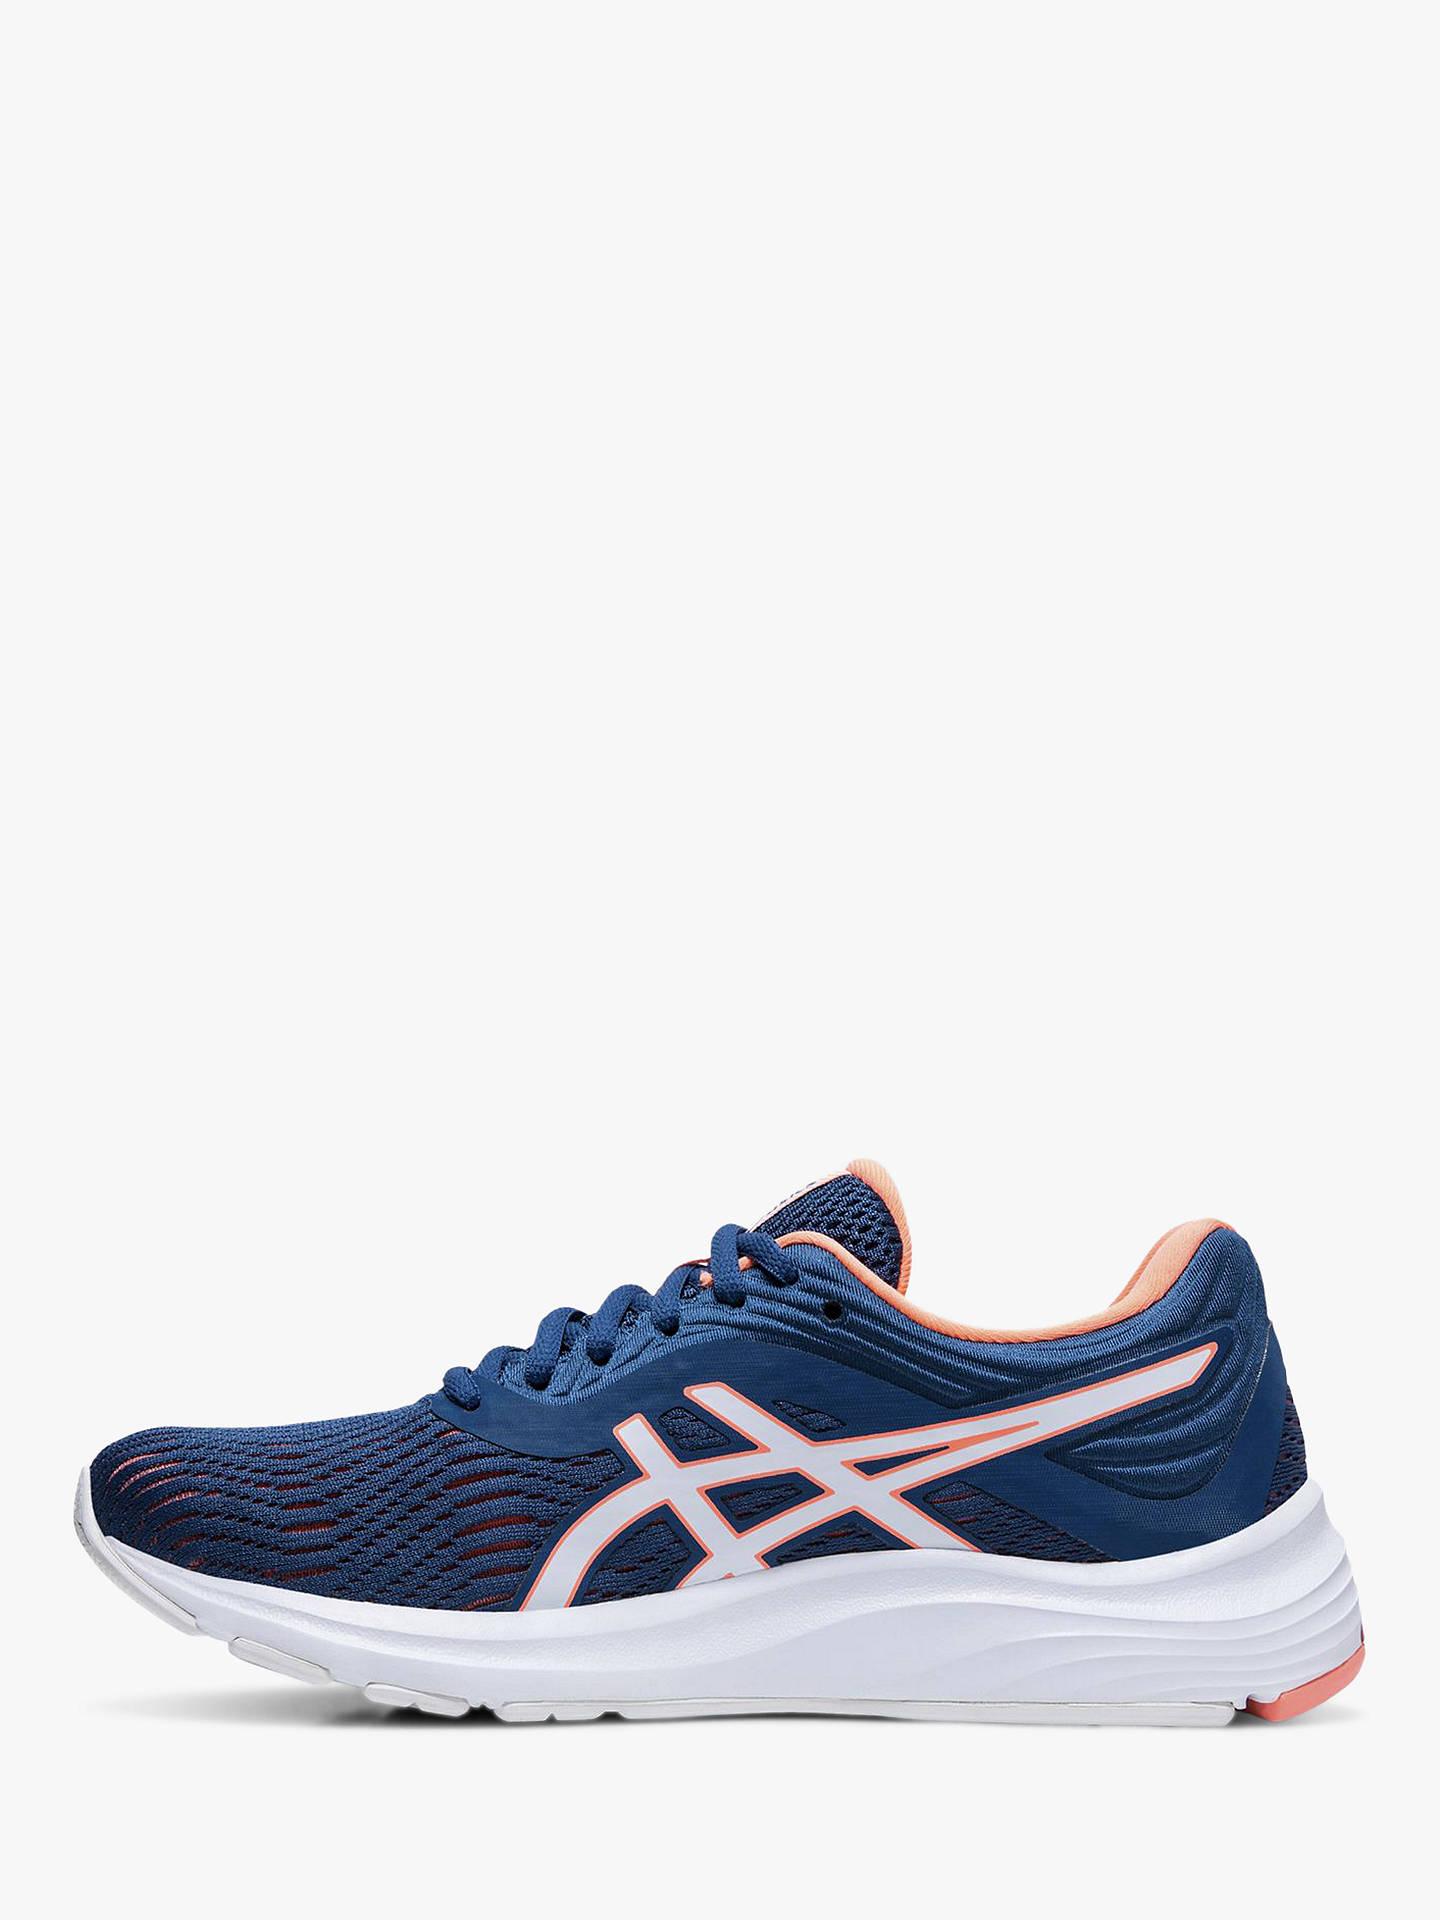 7133d36b46 ASICS GEL-PULSE 11 Women's Running Shoes, Mako Blue/Sun Coral